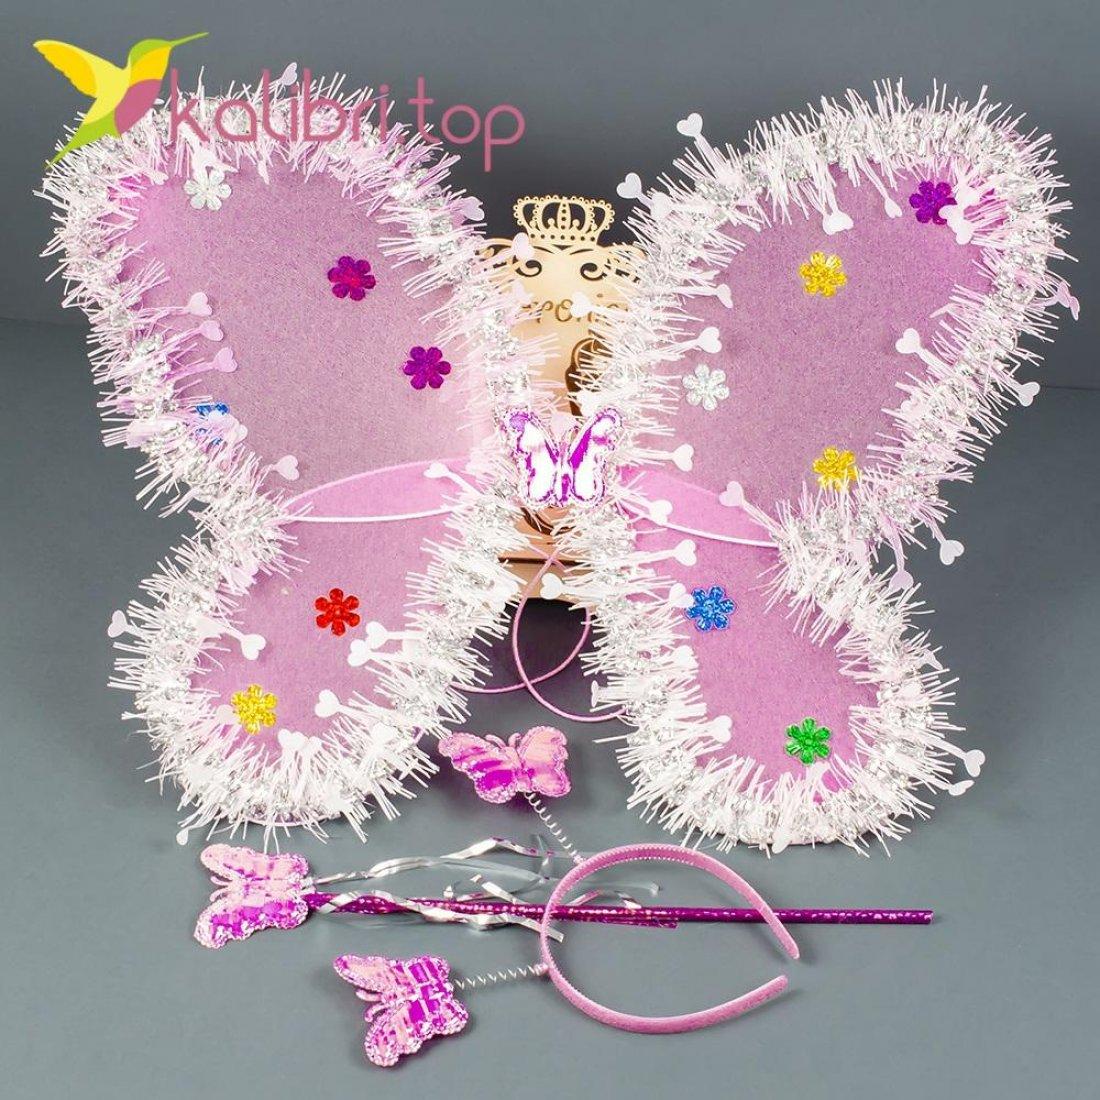 Набор карнавальный крылья бабочки розовый оптом фото 057